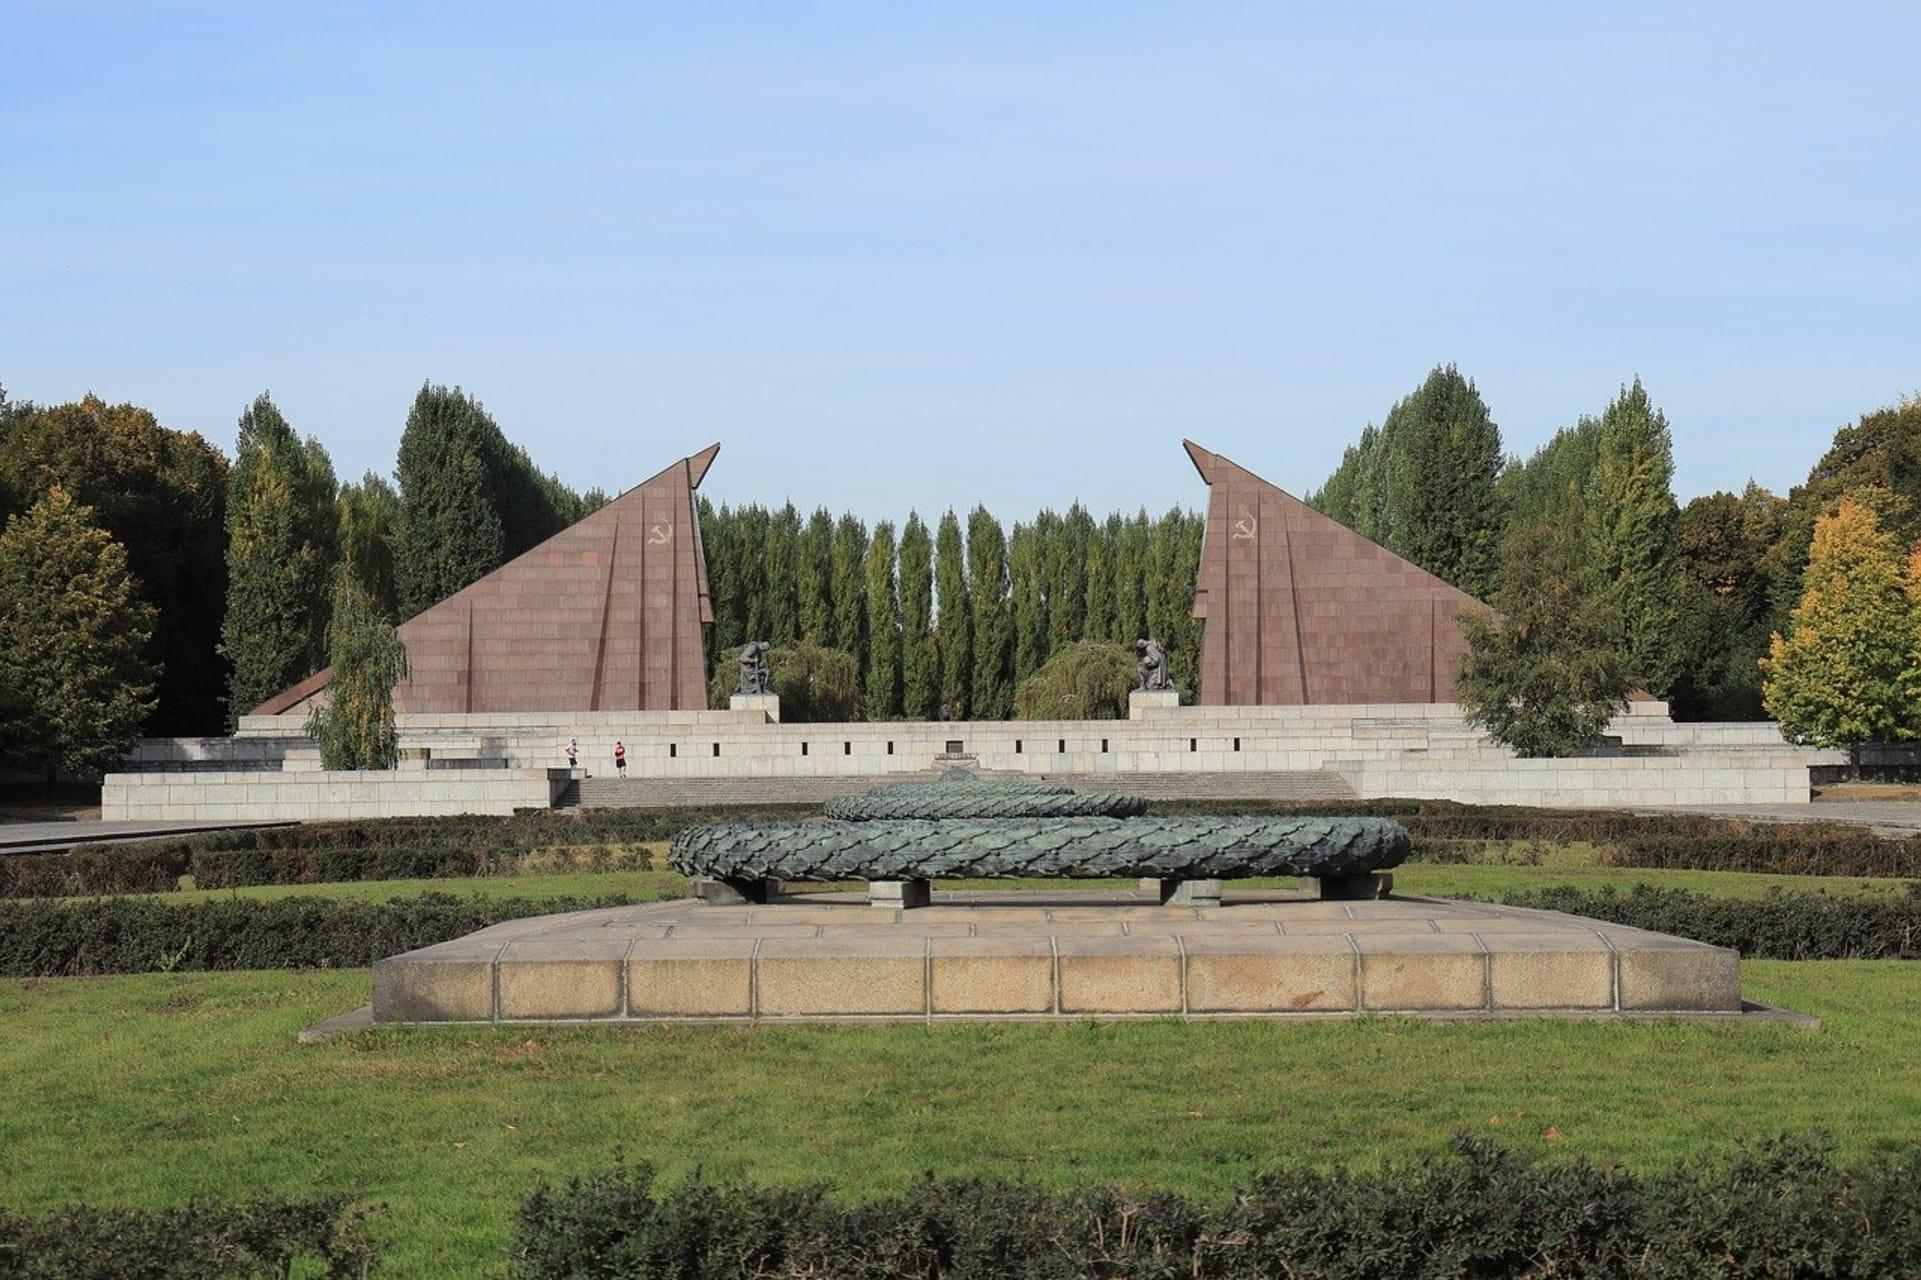 Berlin - The Soviet War Memorial in Treptow